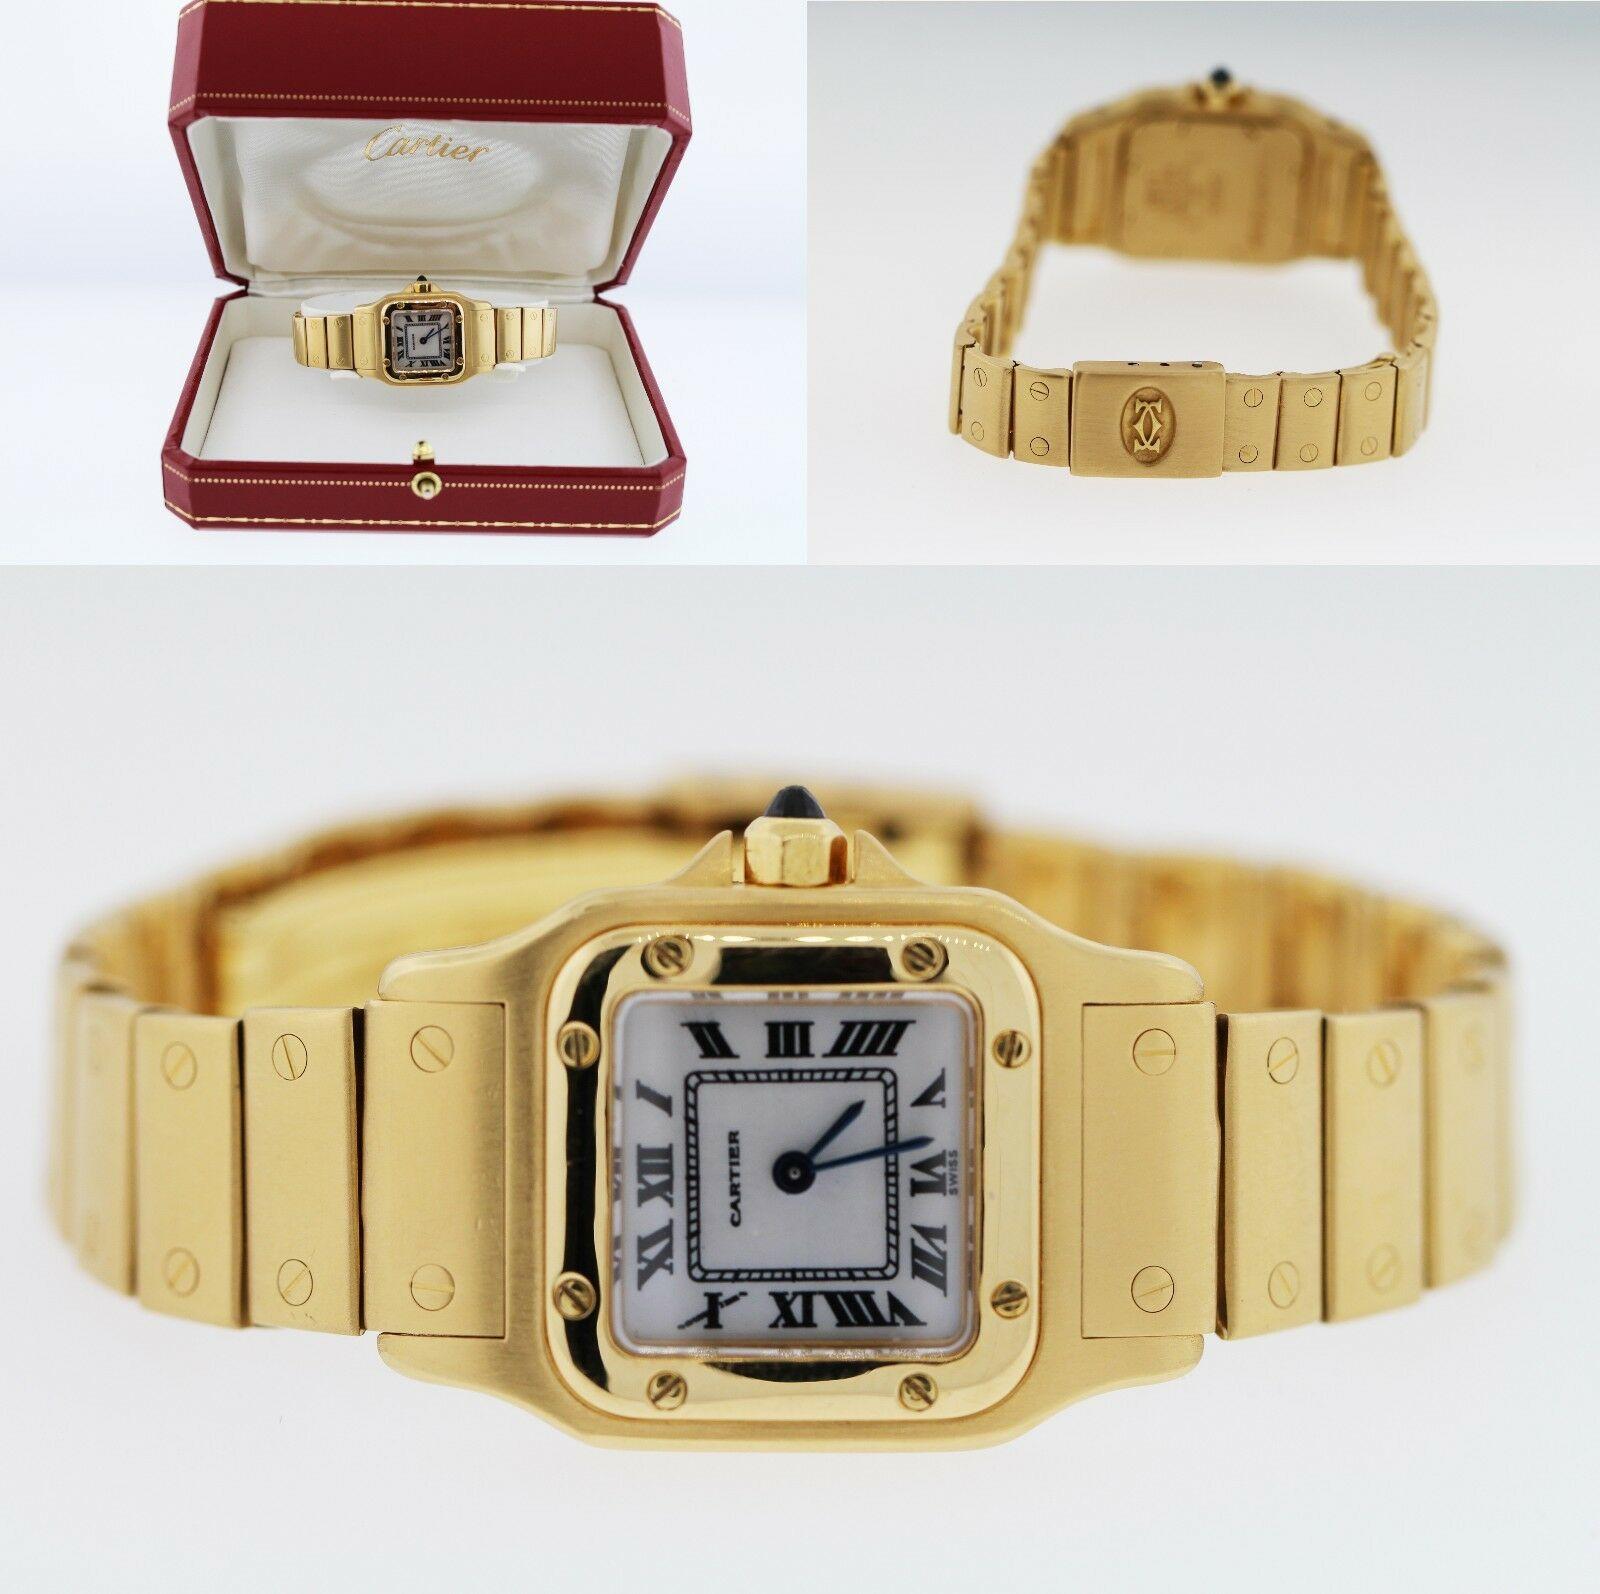 Cartier Santos 1453 Ladies' 18K Yellow Gold Watch 24mmx35mm